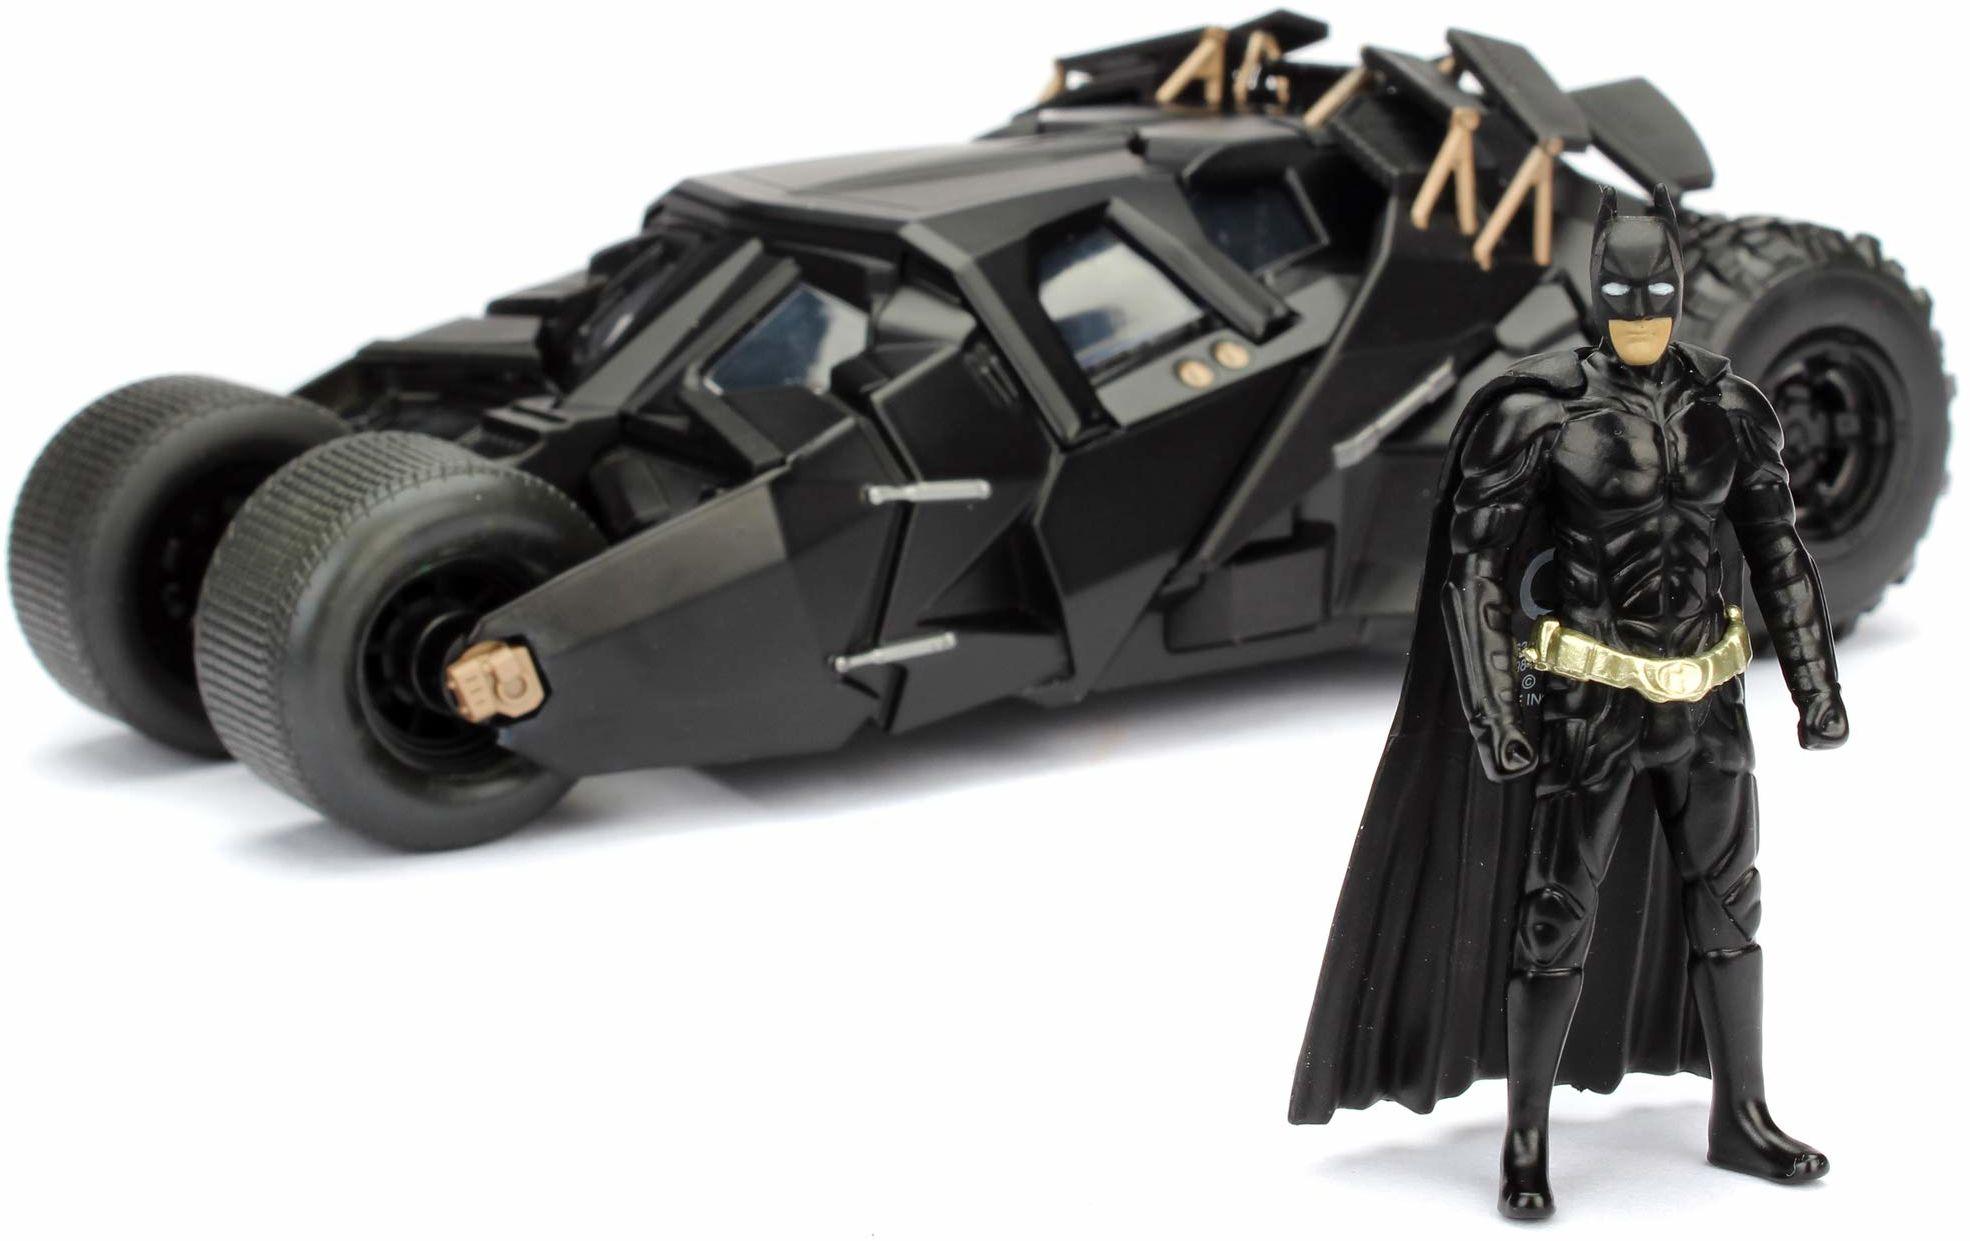 Jada Zabawki 253215005 Batmóvil coche metal 2008 El Caballero Oscuro 1:24 Batman-The Dark Knicerz Batmobile, czarne